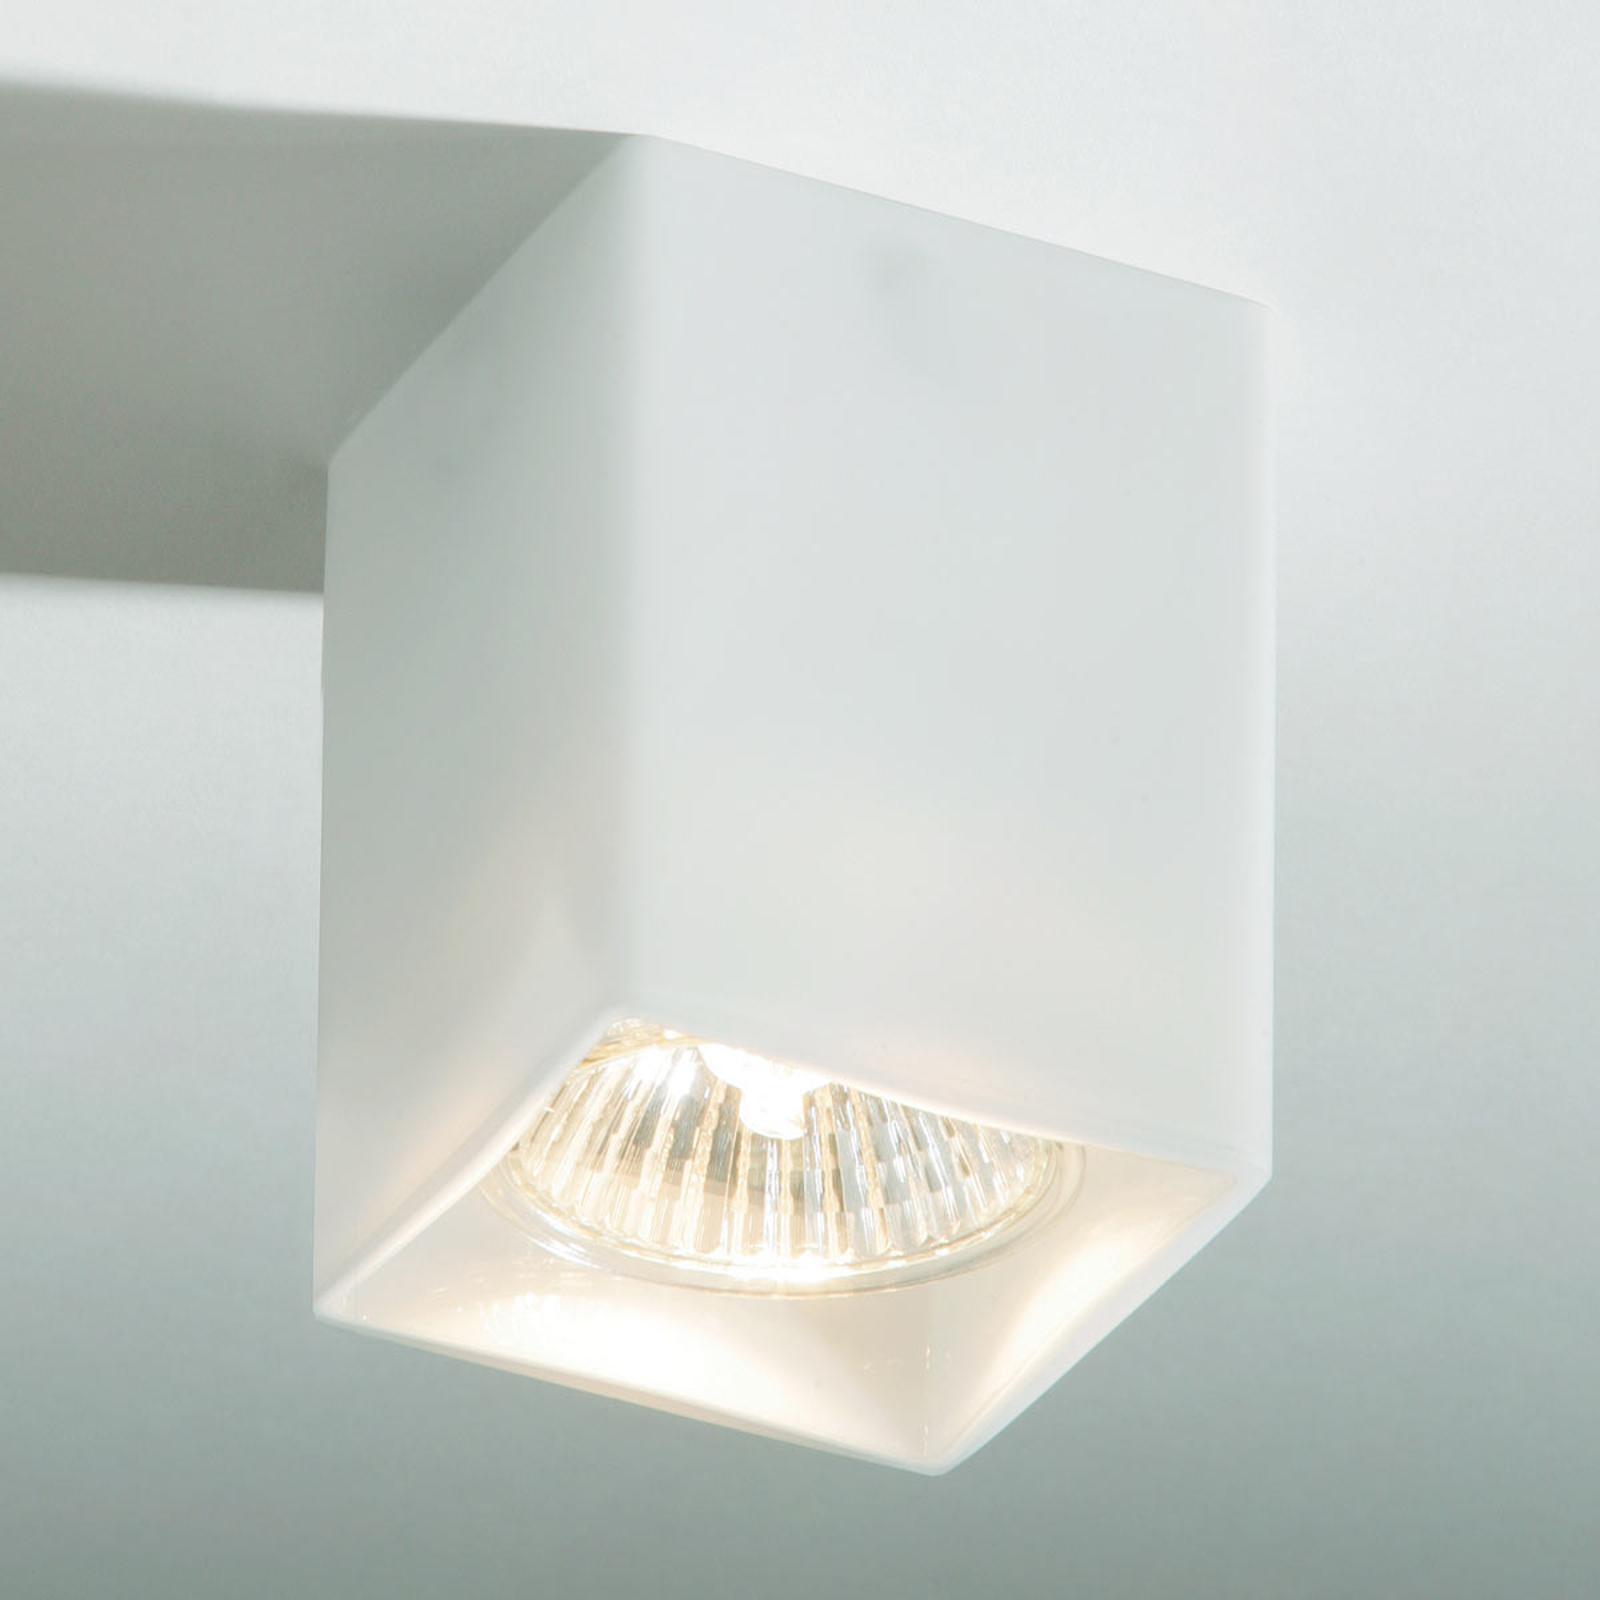 Plafonnier carré QUADRO en verre blanc